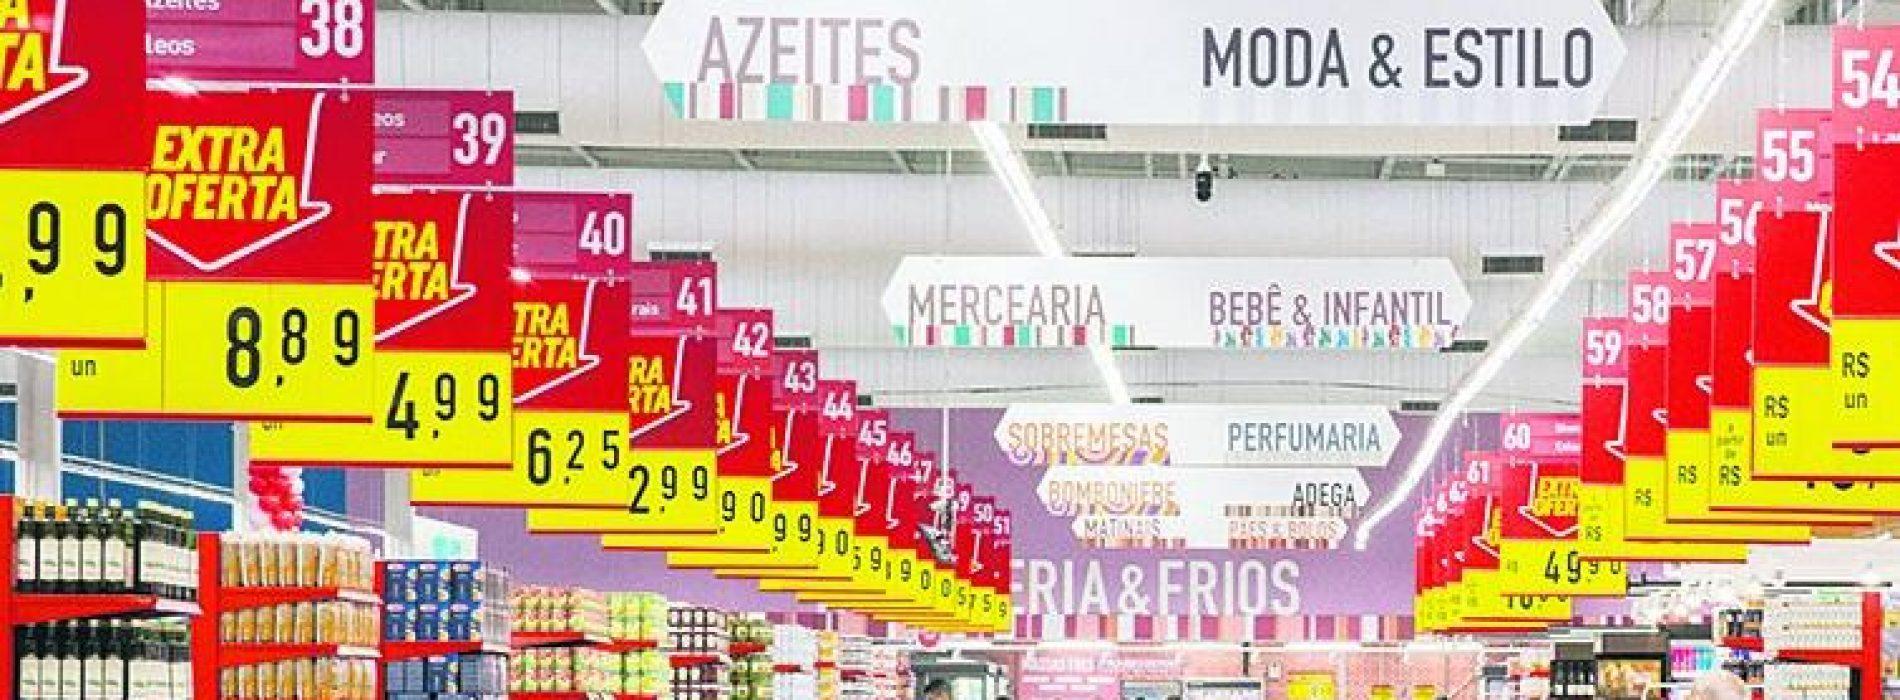 Grupo GPA acelera expansão do Assaí e quer mais força em marcas próprias